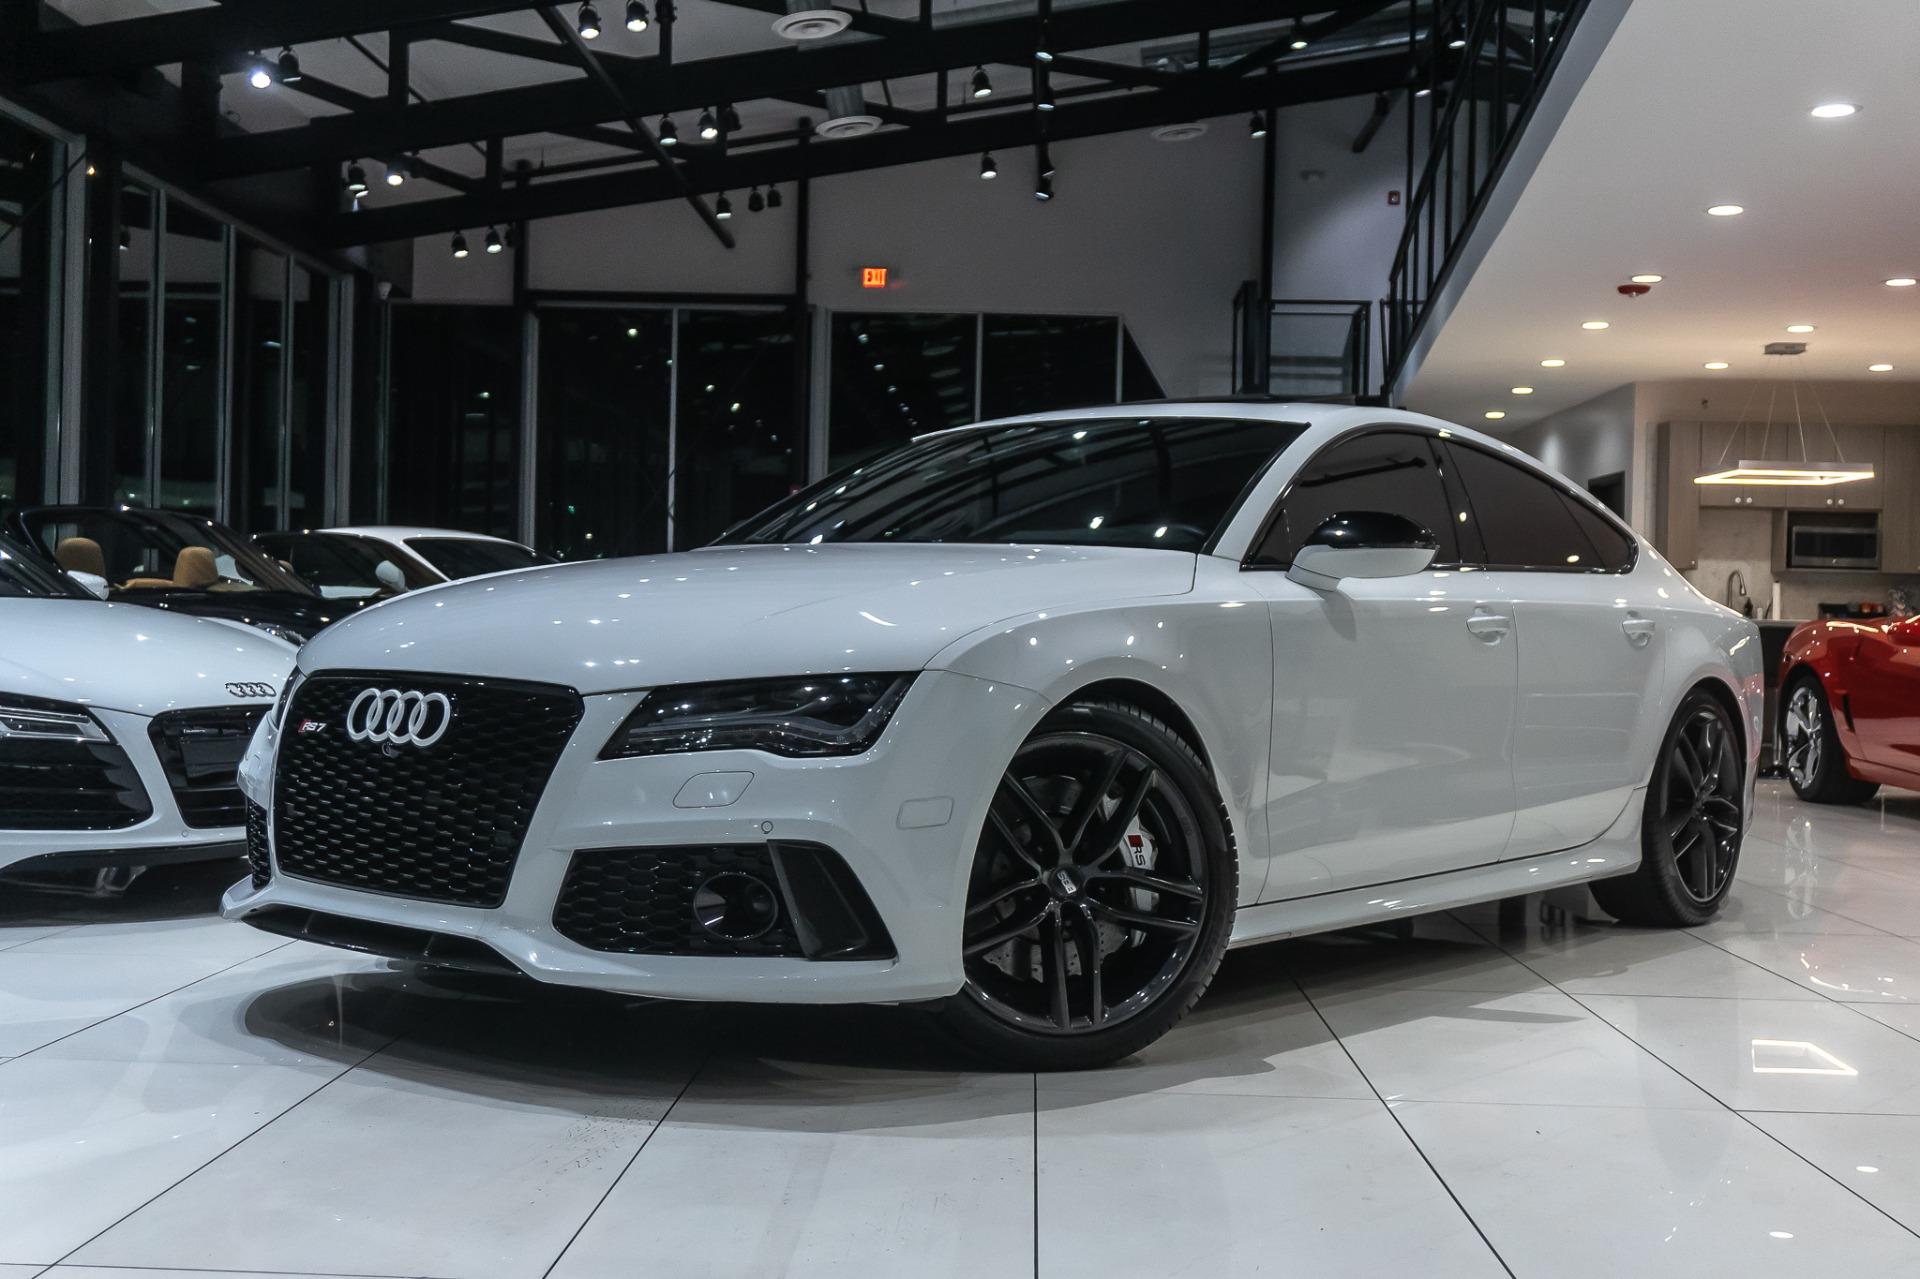 Kekurangan Audi Rs7 2015 Murah Berkualitas